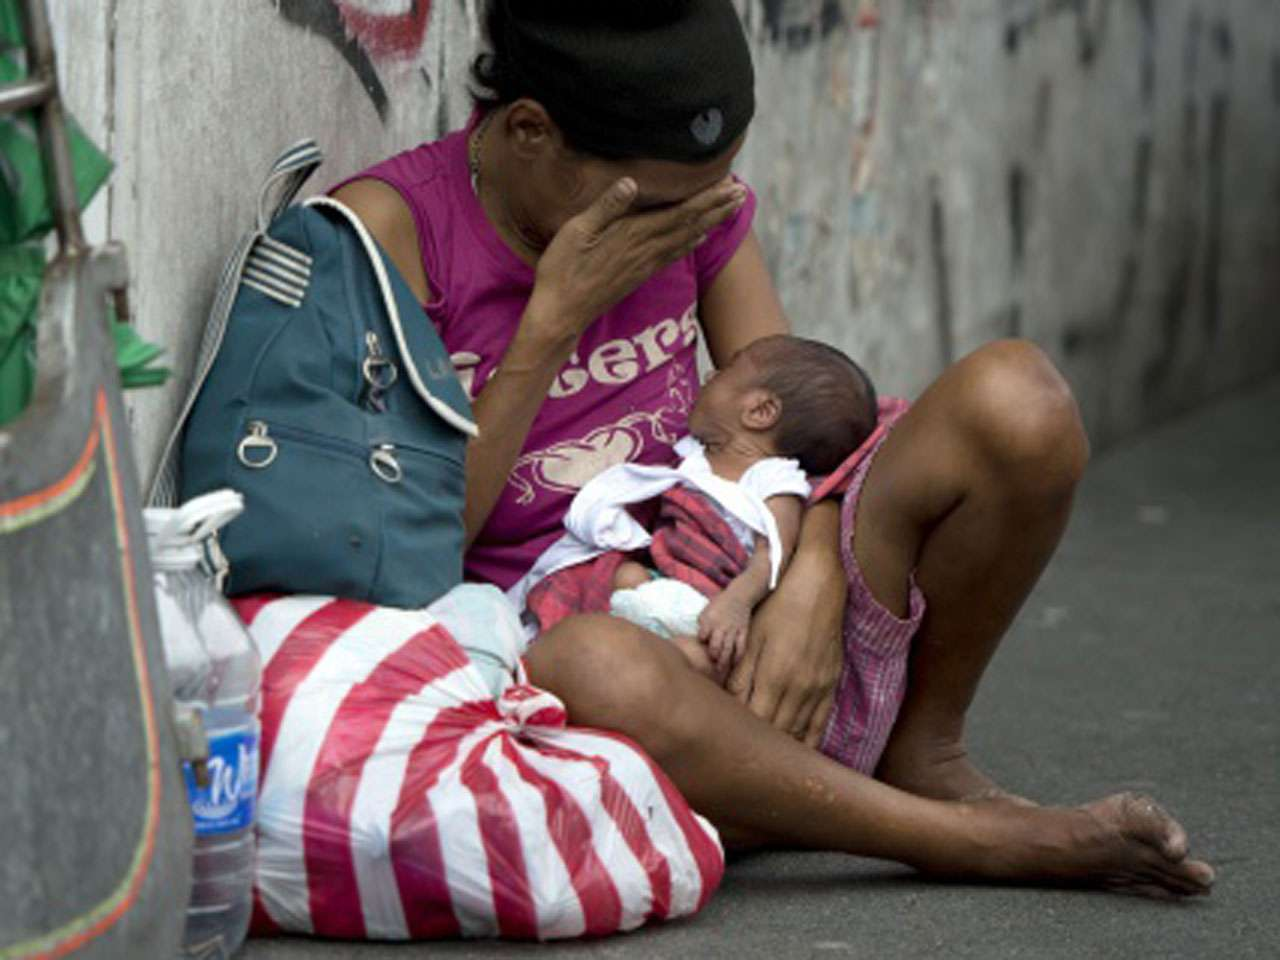 La mayoría de los niños en países pobres mueren por carecer de cosas que cuestan menos de un dólar Foto: NOEL CELIS/Getty Images/Archivo